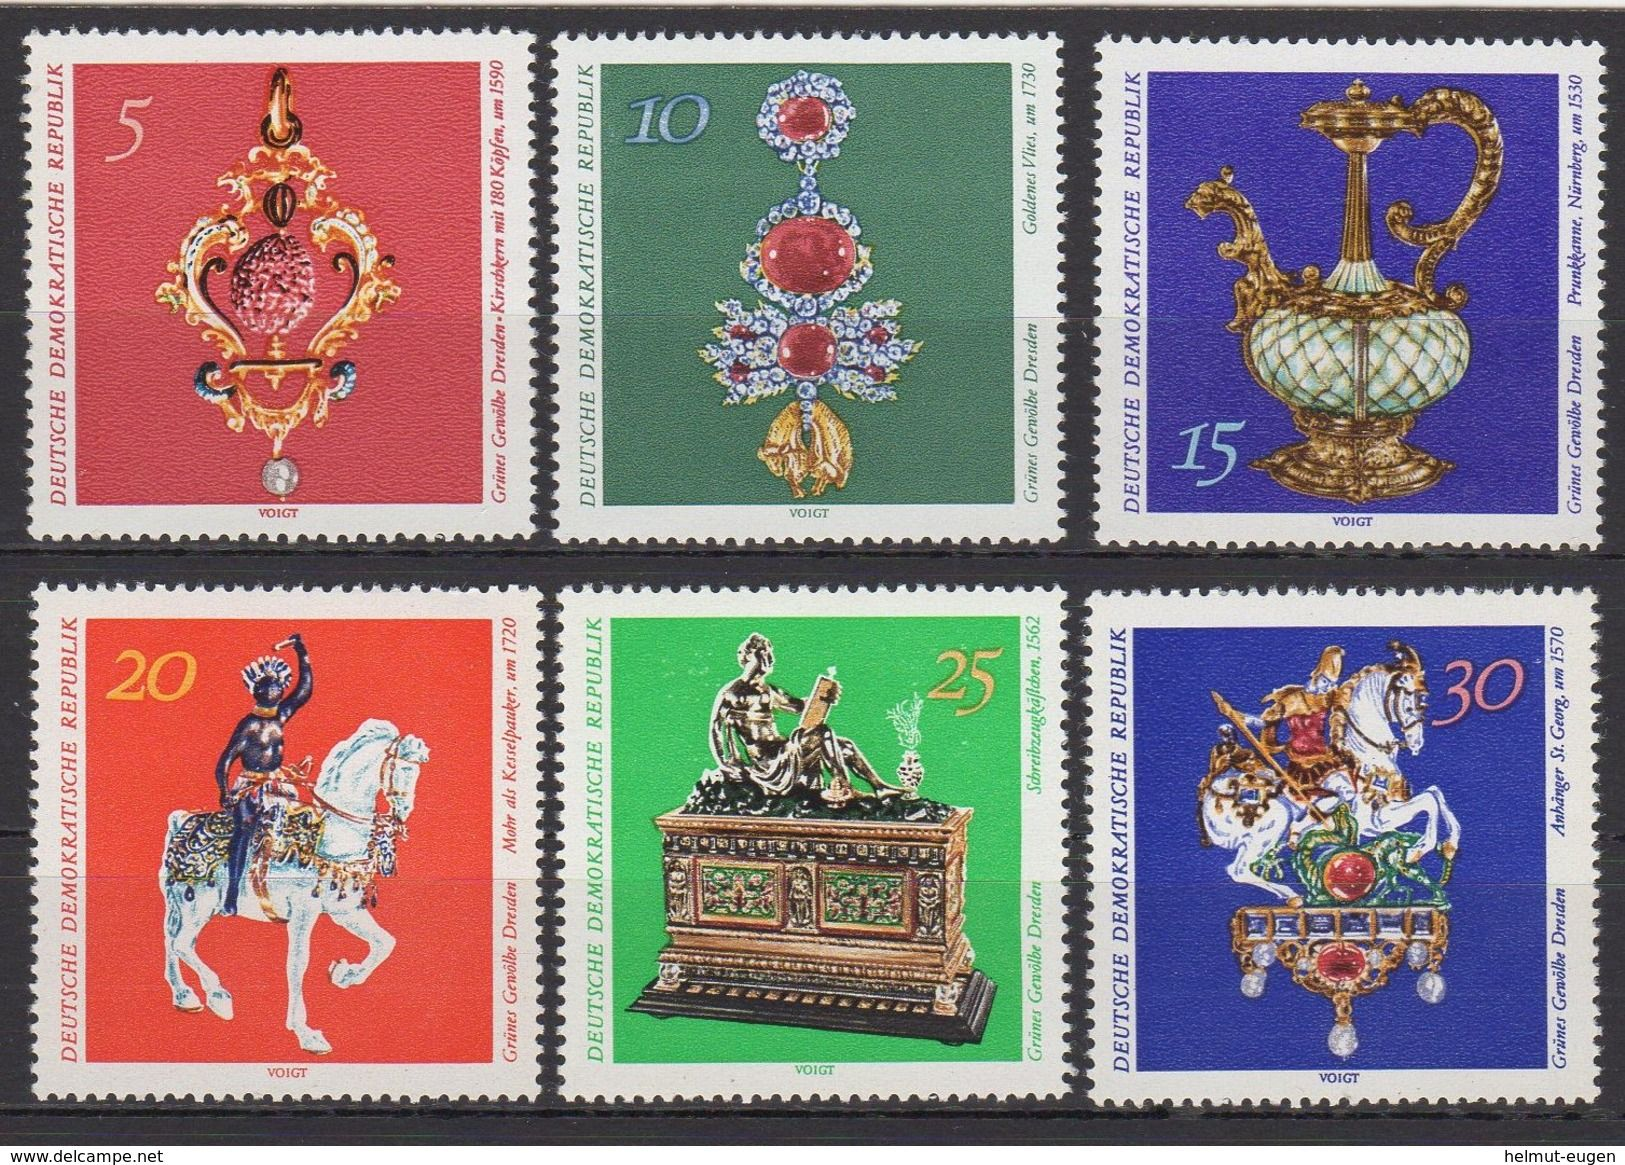 Ddr Grunes Gewolbe Dresden Kunstwerke Minr 1682 1687 Zu Verkaufen Auf Delcampe Ddr Briefmarken Dresden Kunstwerke